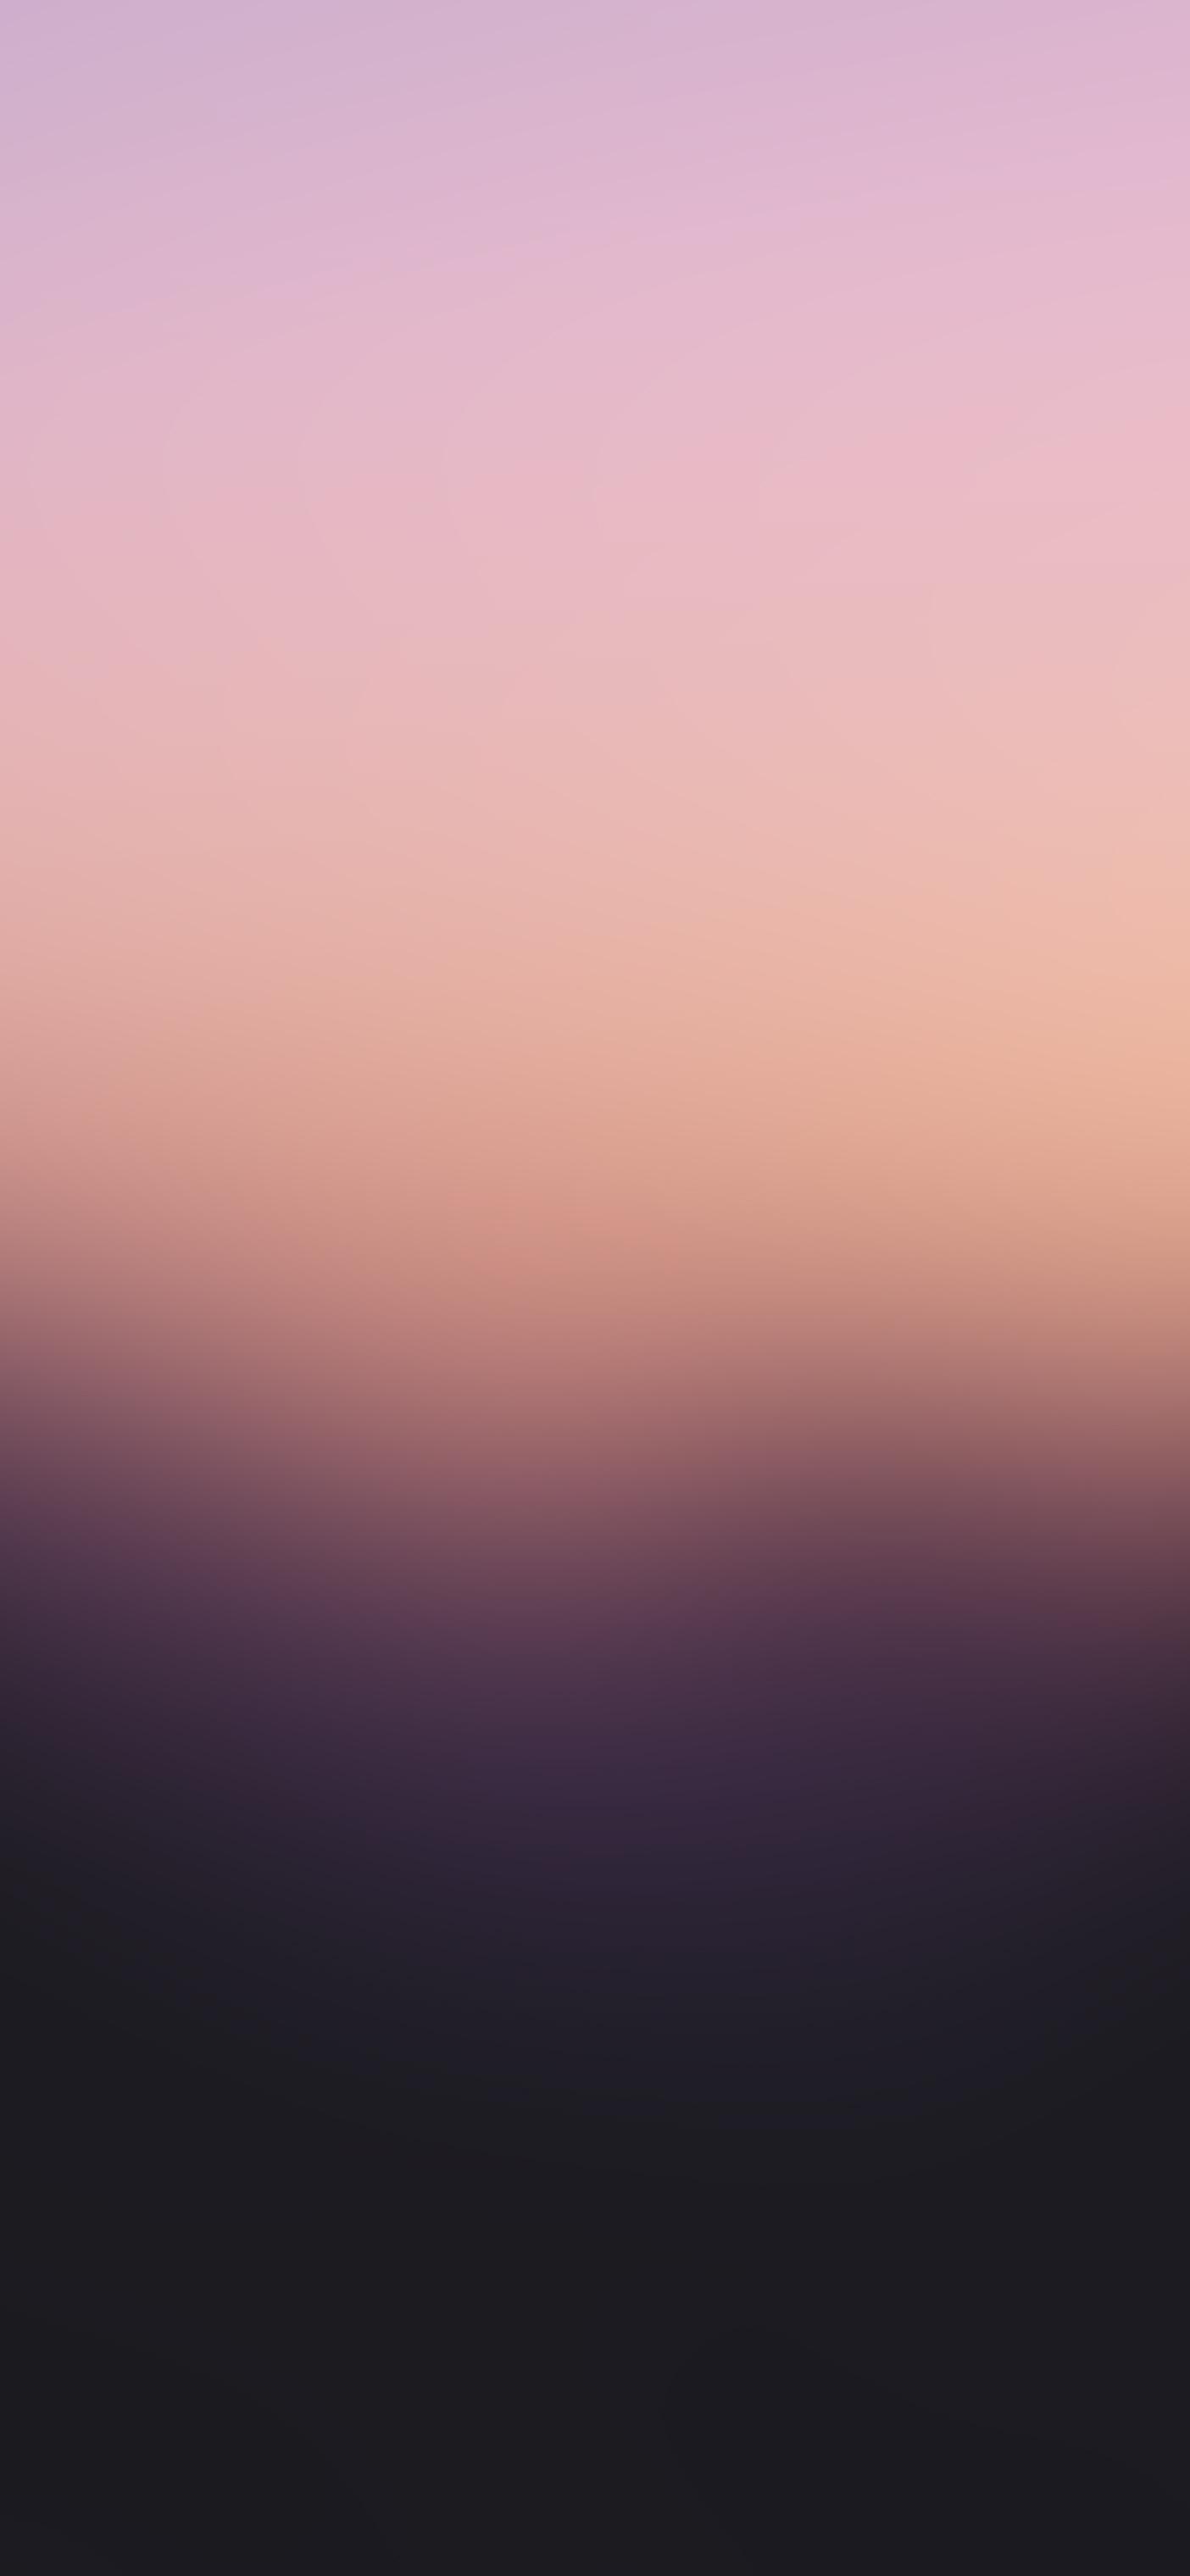 Gradient iPhone Wallpaper 3